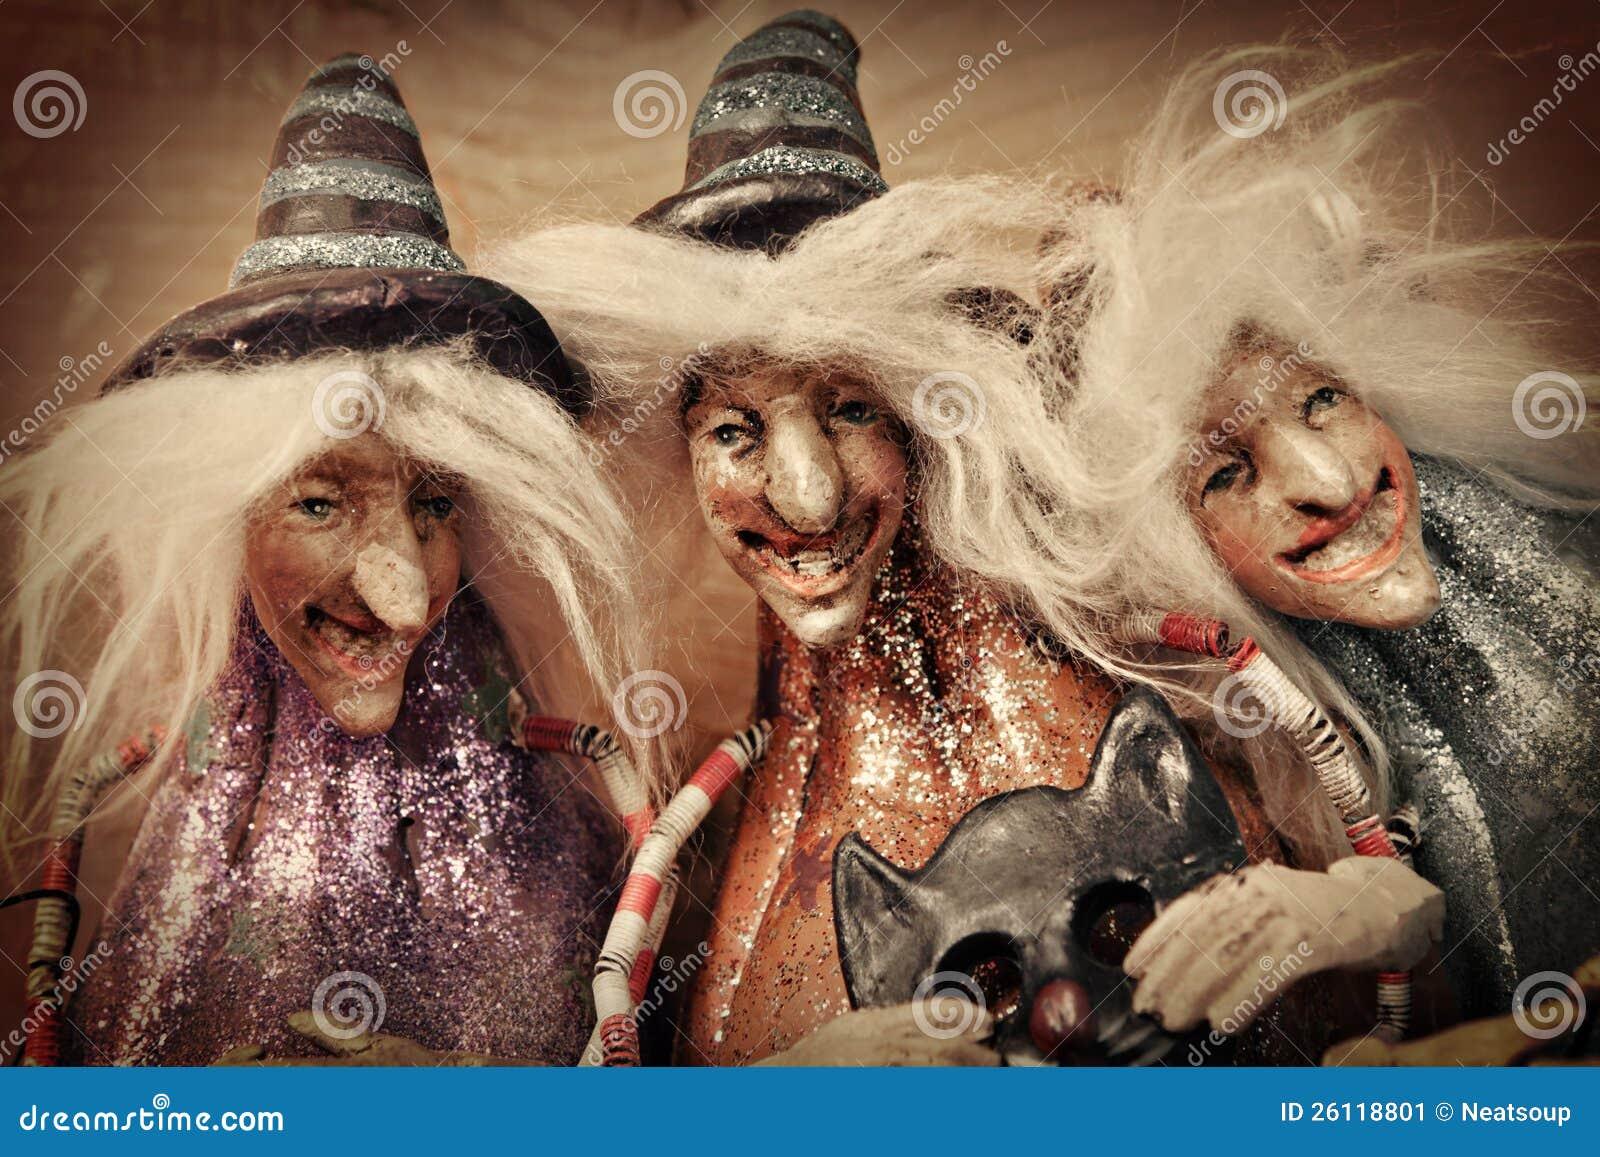 3 Witches Stock Image Image Of Wood Orange Black